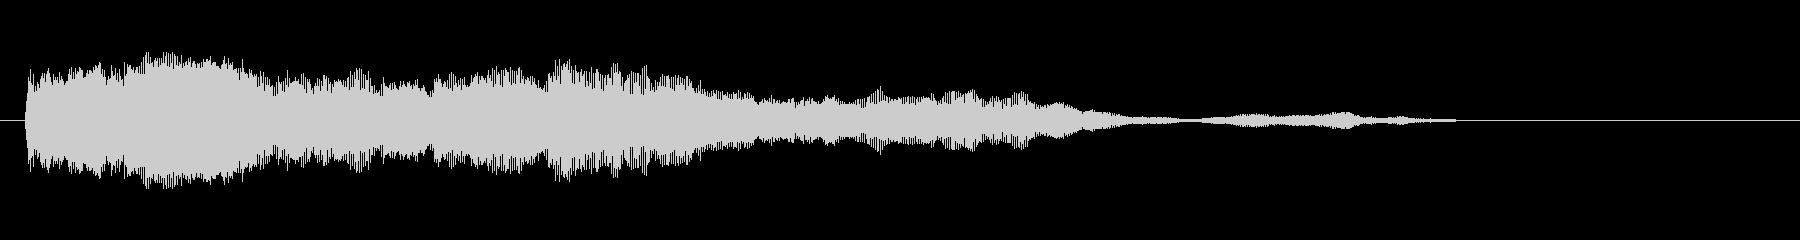 素材 シンセチャープディープ03の未再生の波形